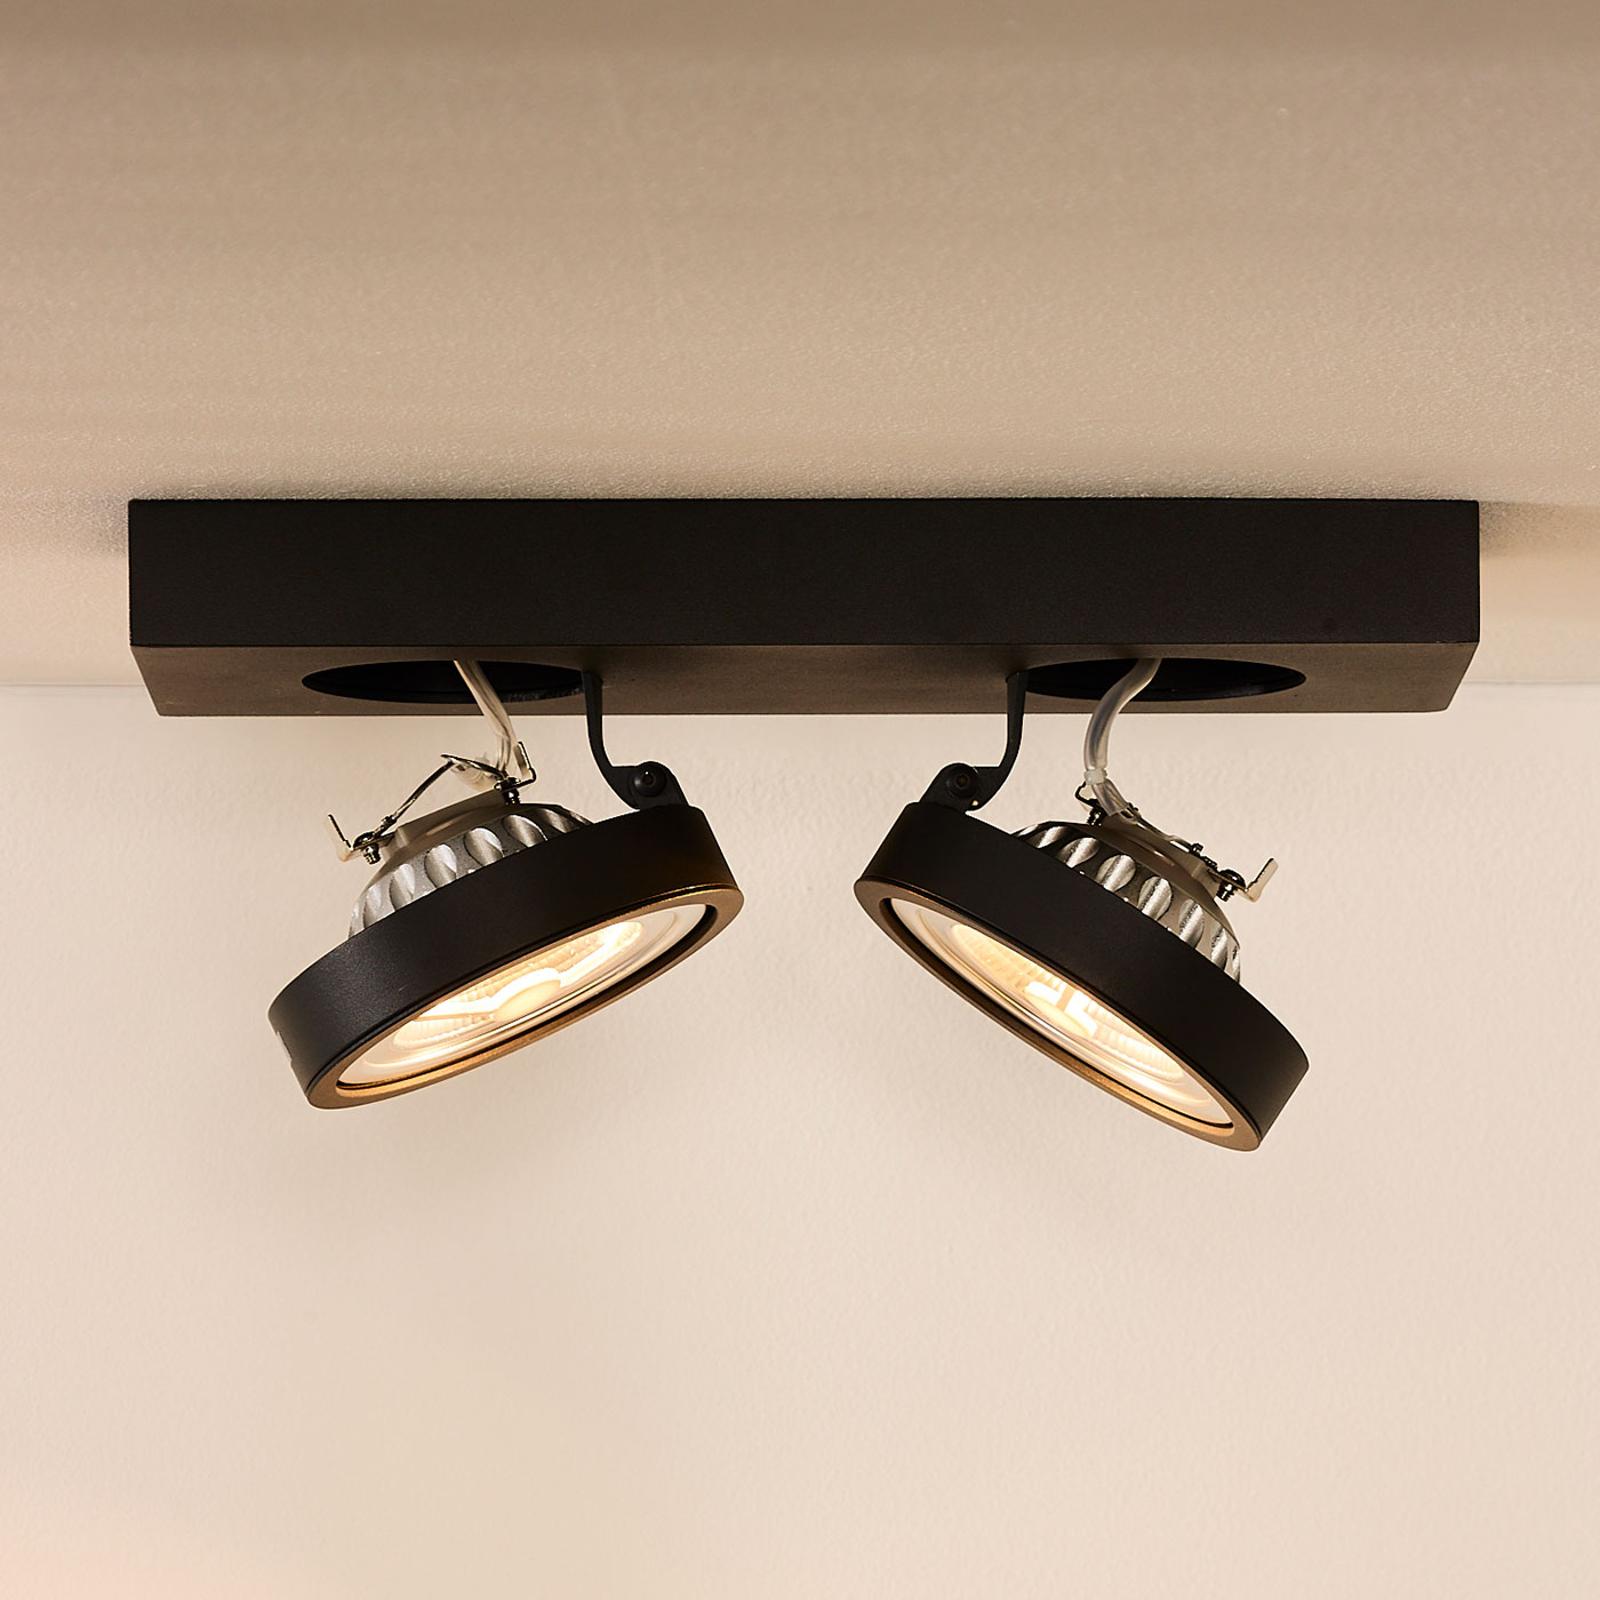 Kaksilamppuinen LED-kattokohdevalo Nenad, harmaa